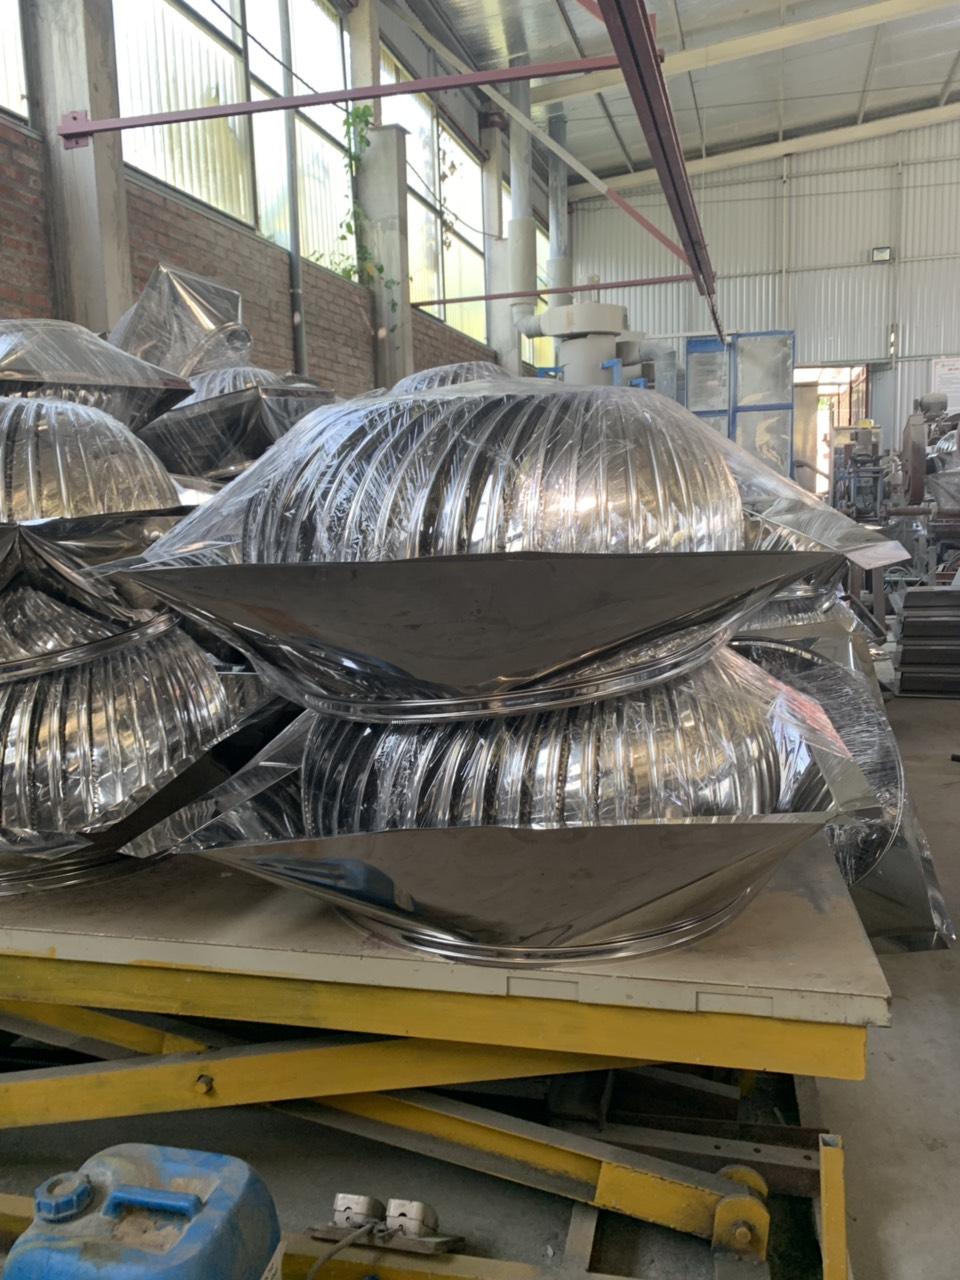 Sơn Việt chuyên cung cấp quả cầu thông gió các loại uy tín tại Hà Nội